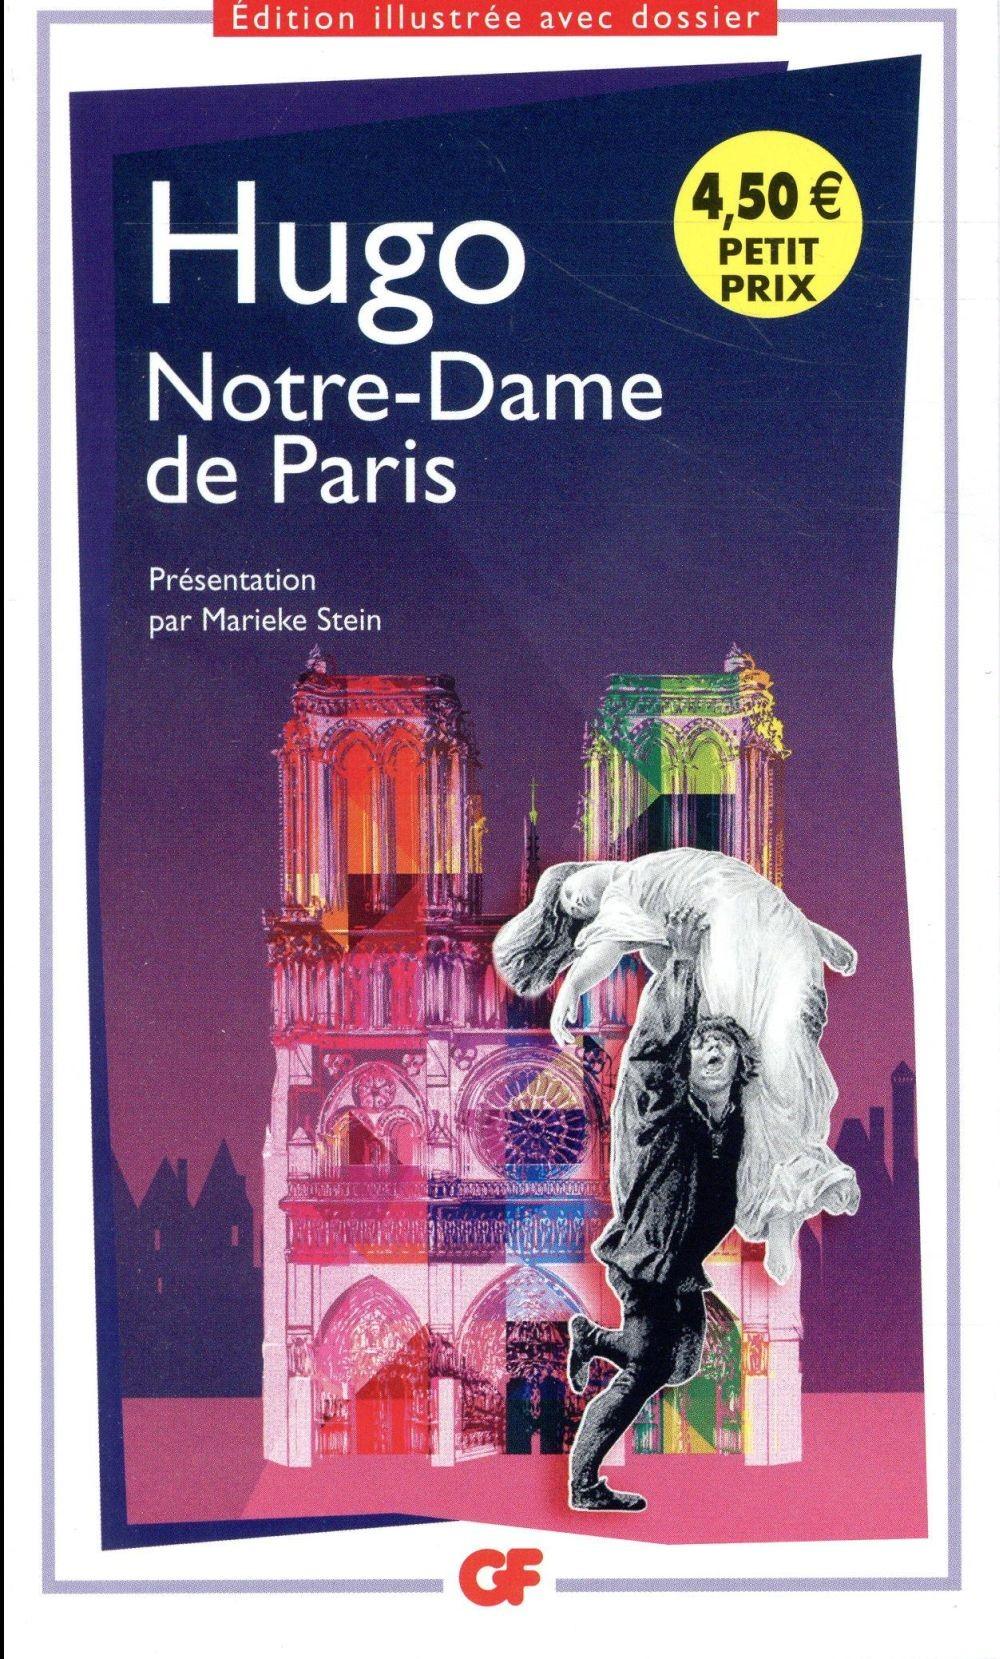 hot sales cc5d5 dab55 Accueil - Librairie Kléber